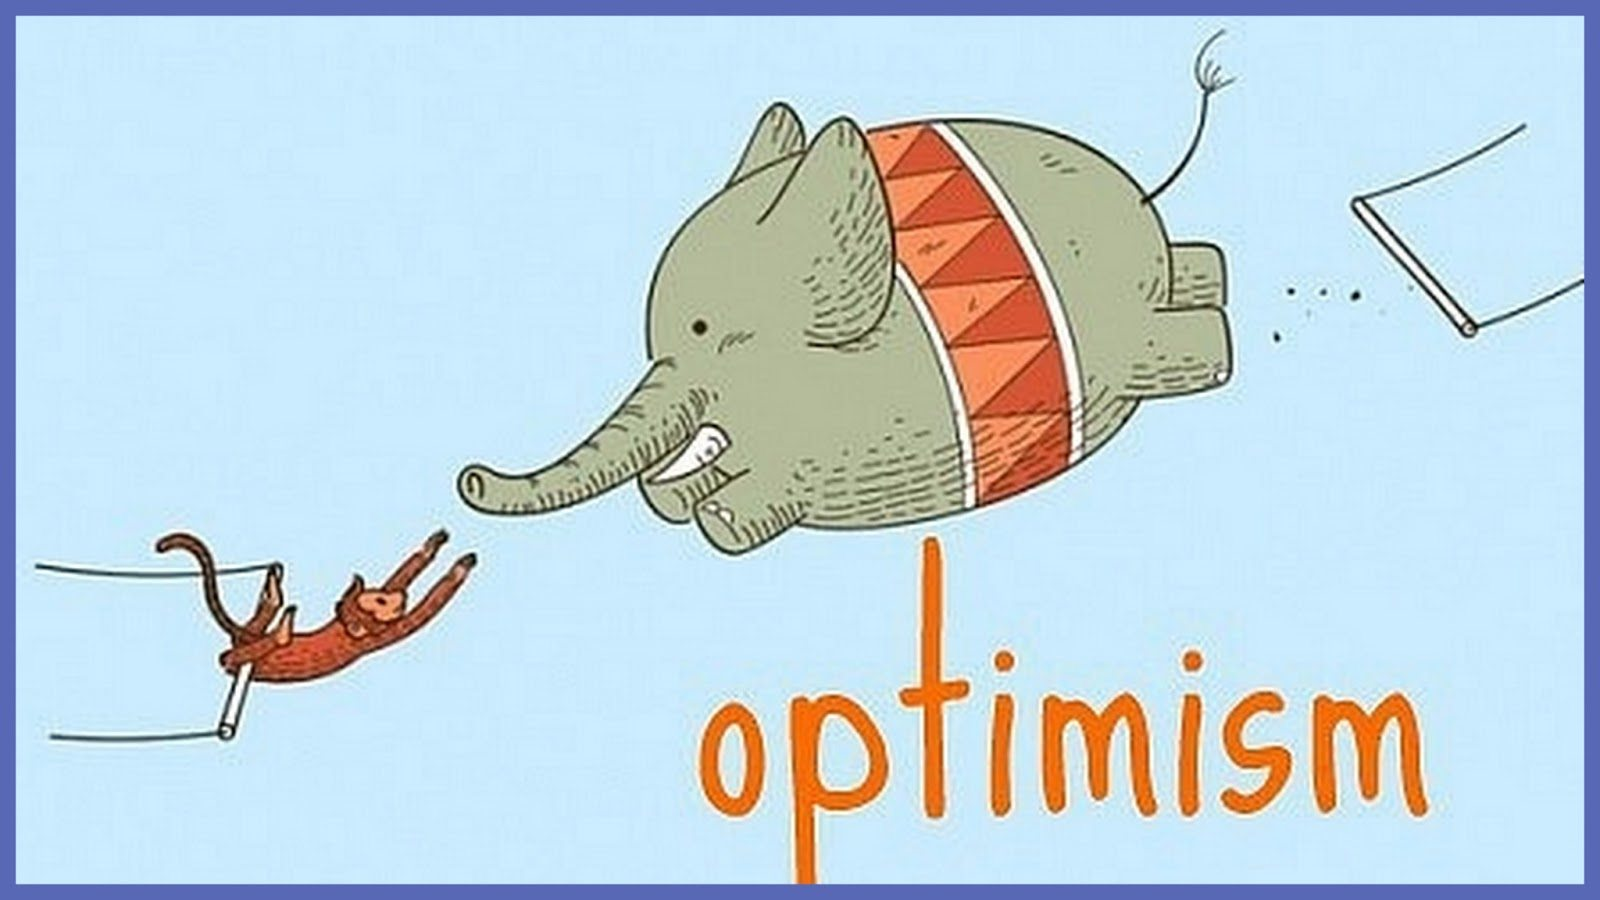 optimistic-quotes-hd-wallpaper-8.jpg